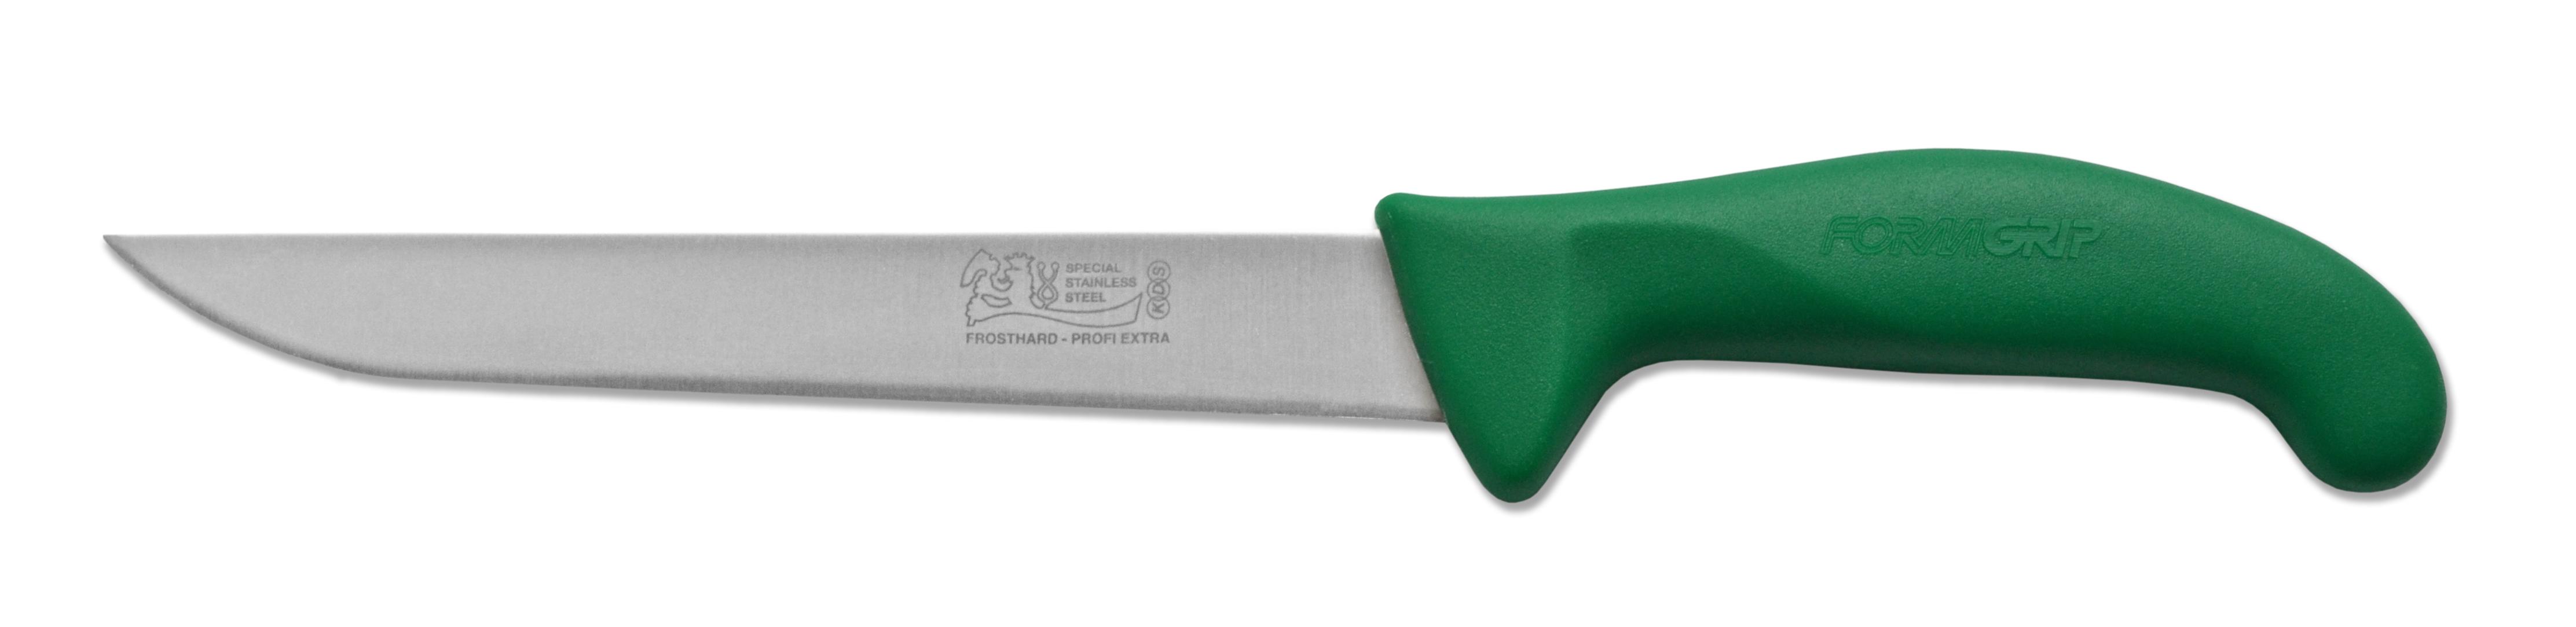 Nůž řeznický 8 - Frosthard